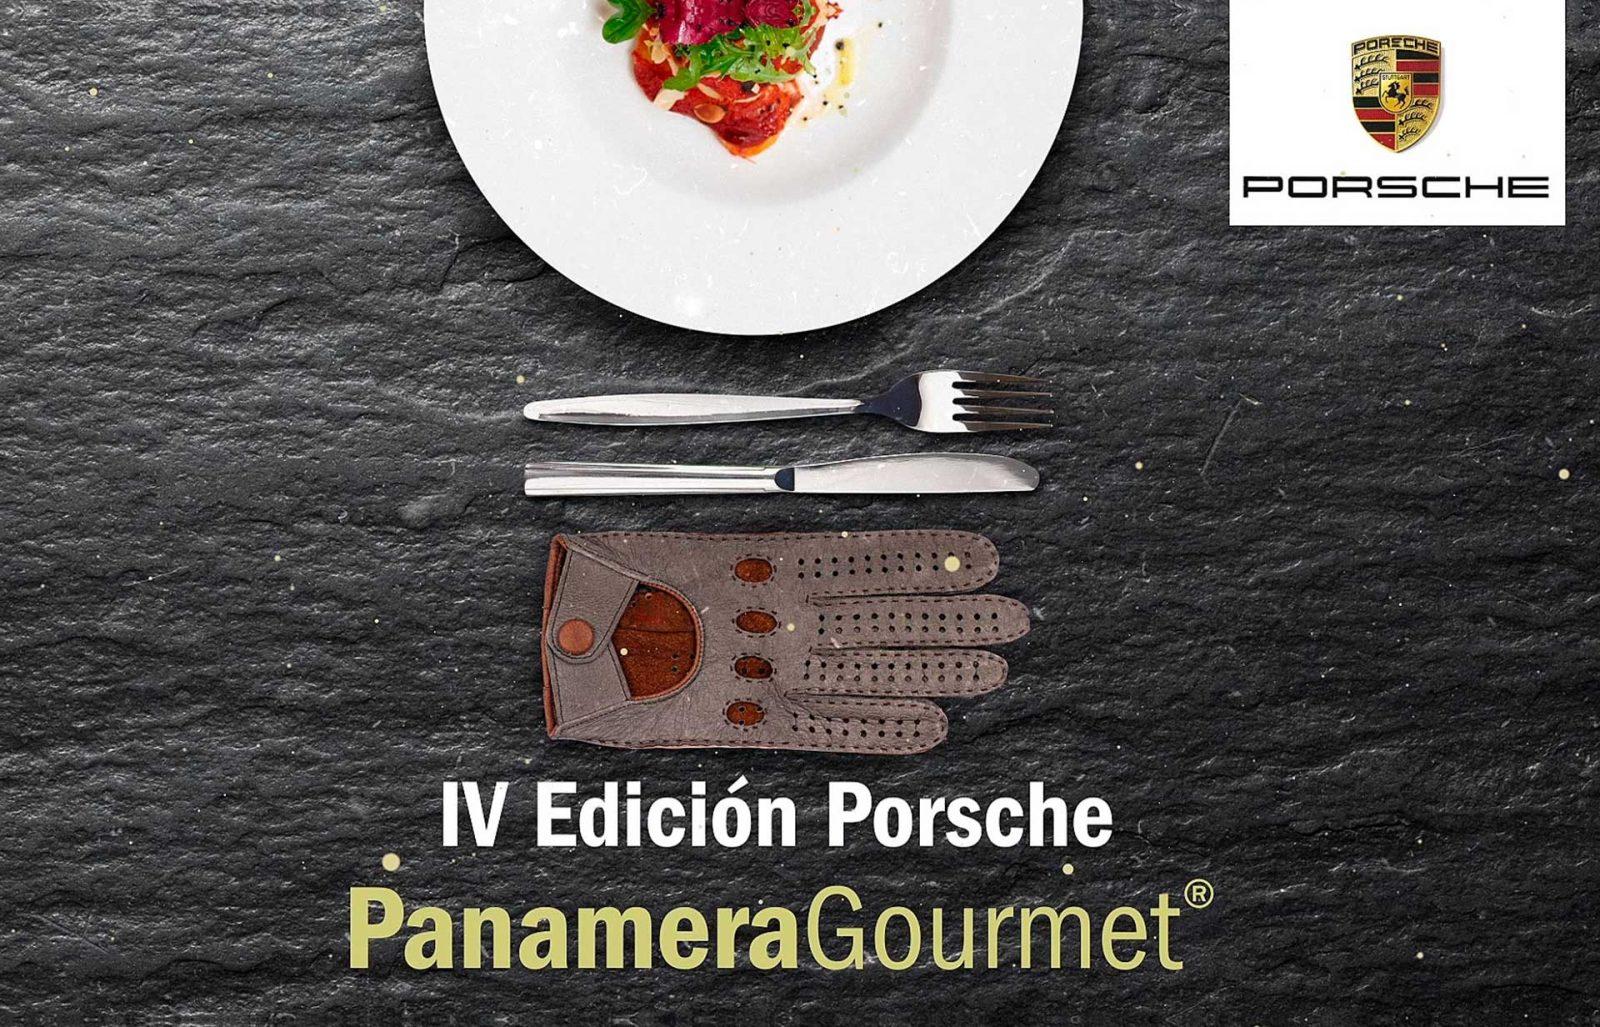 IV Edición Porsche Gourmet